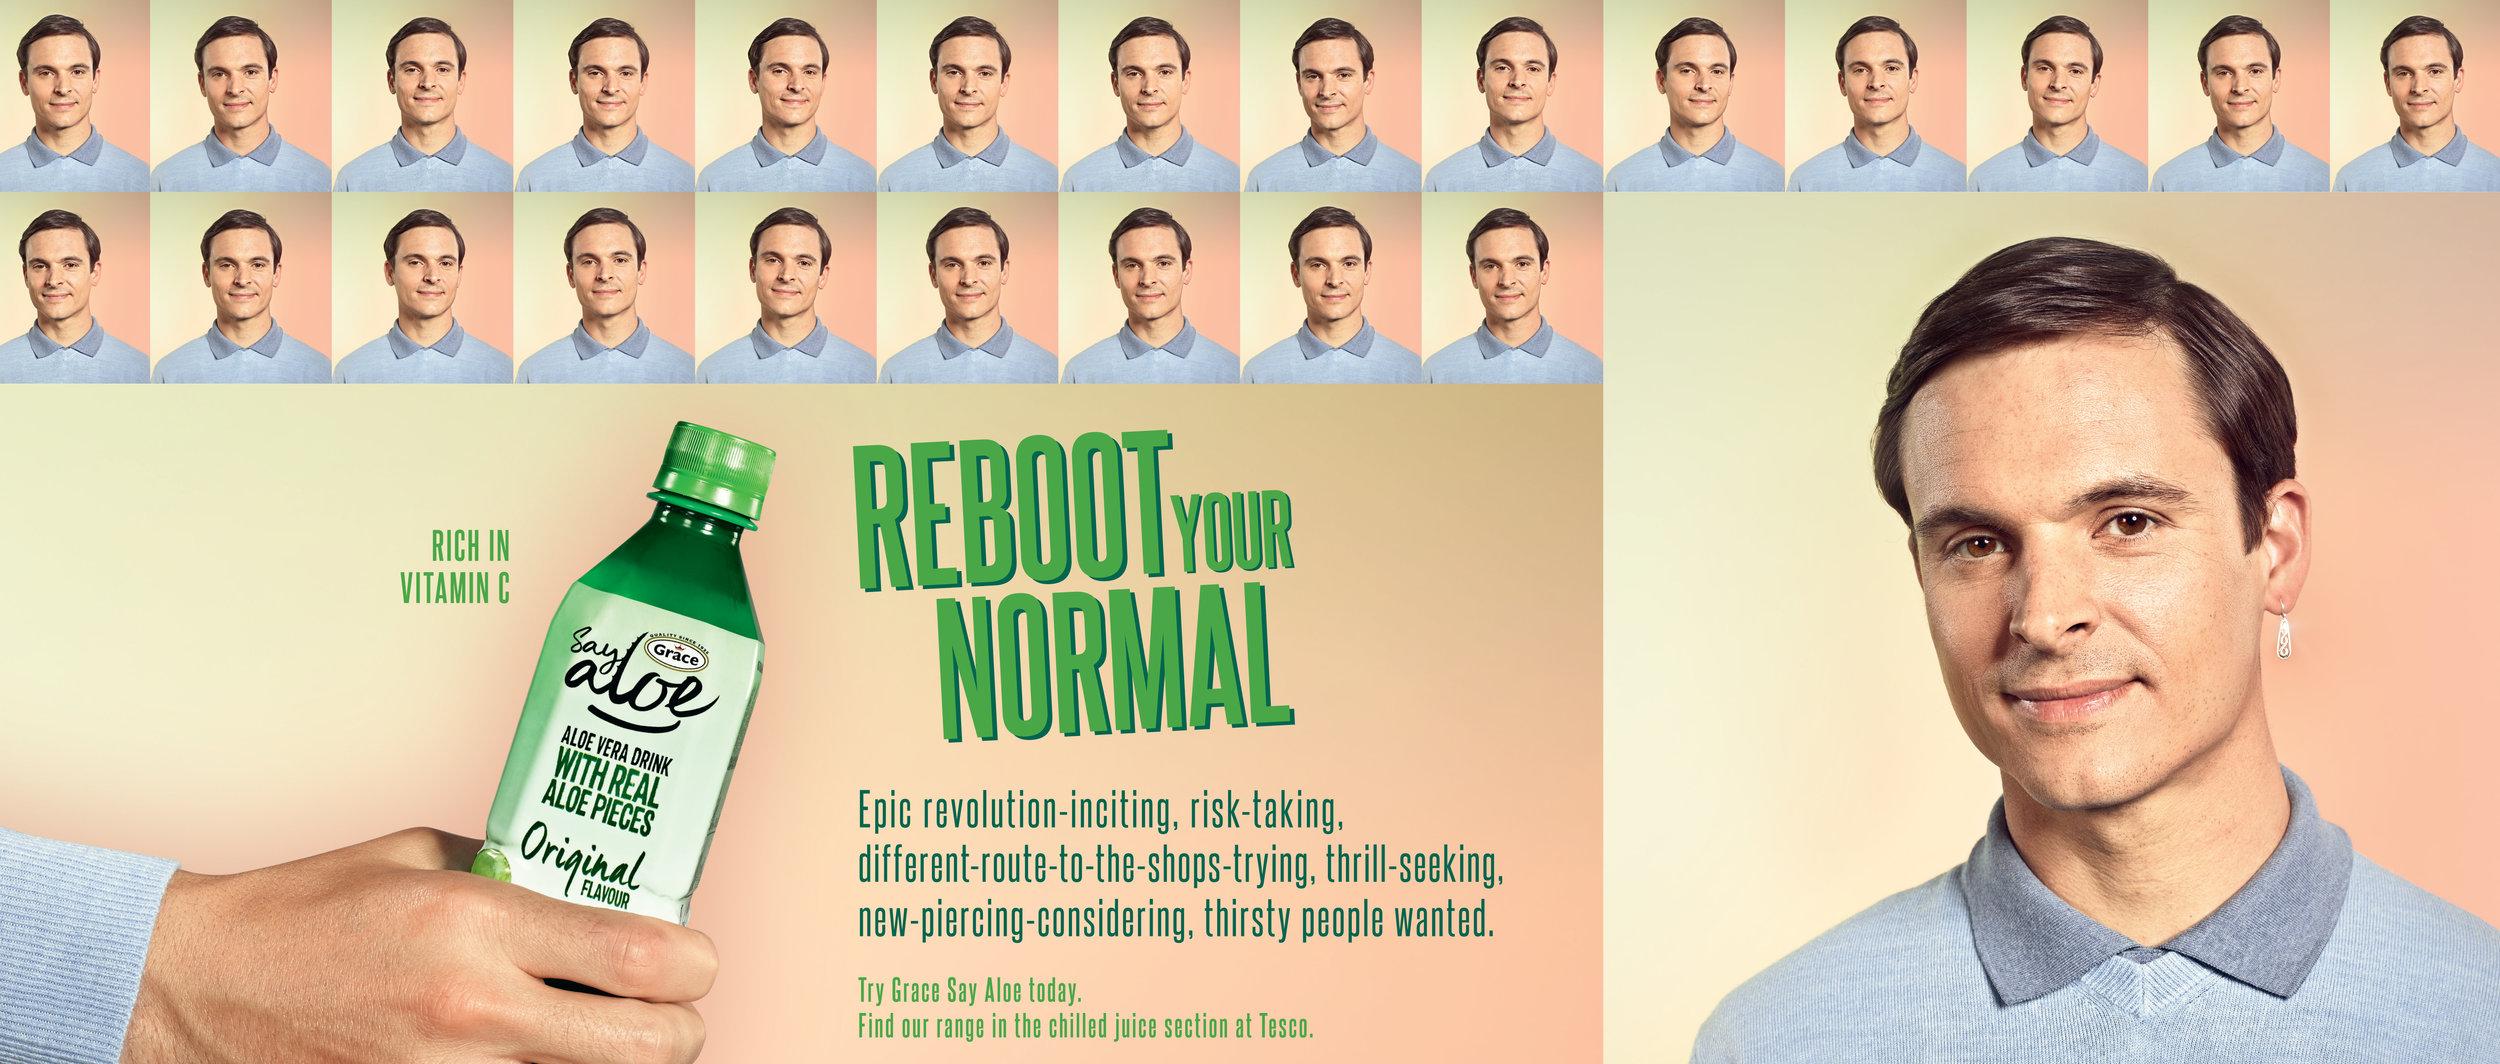 Aloe -Reboot your normal 2